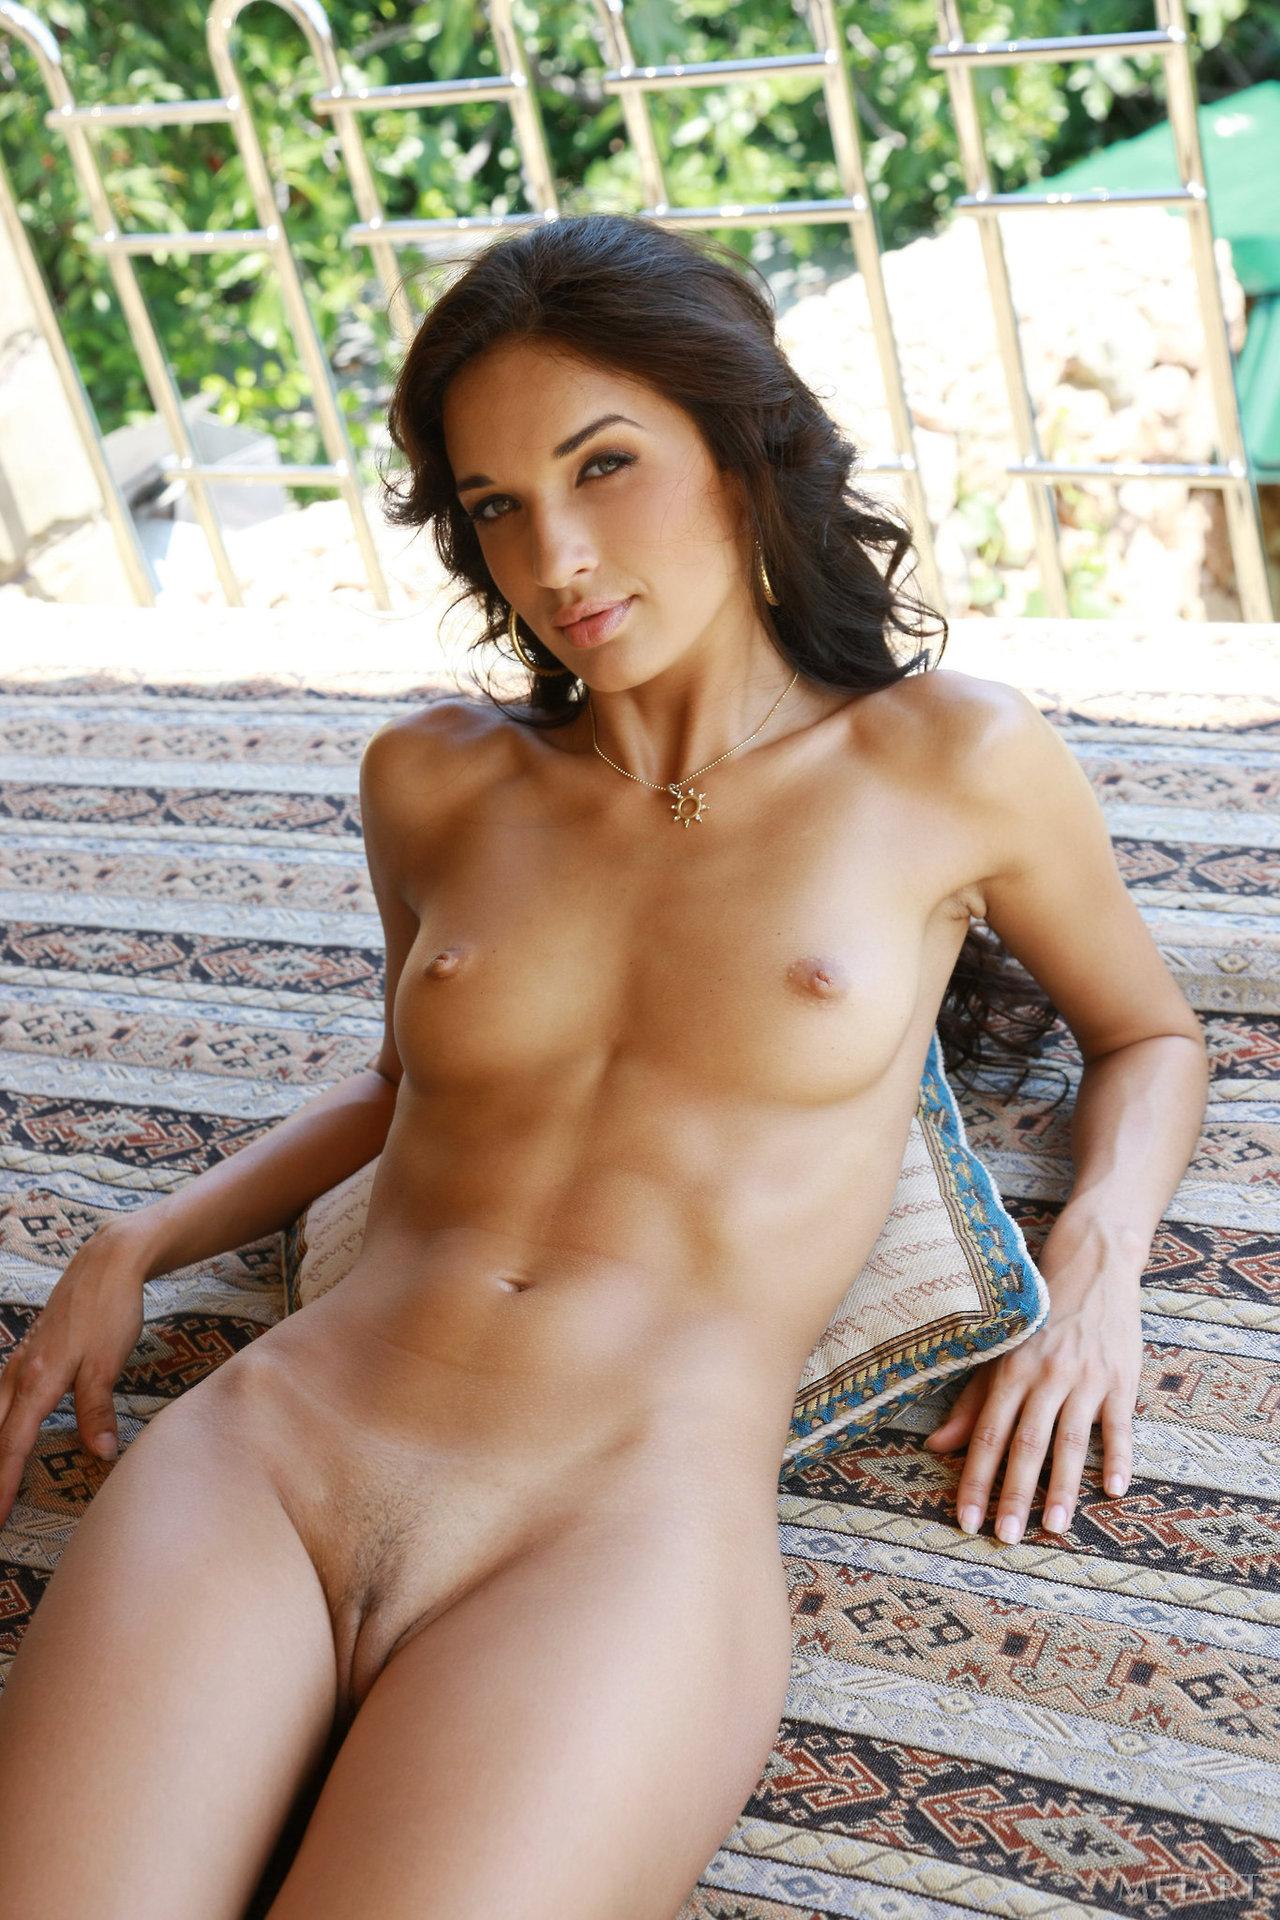 Girls salvadoran girls nude